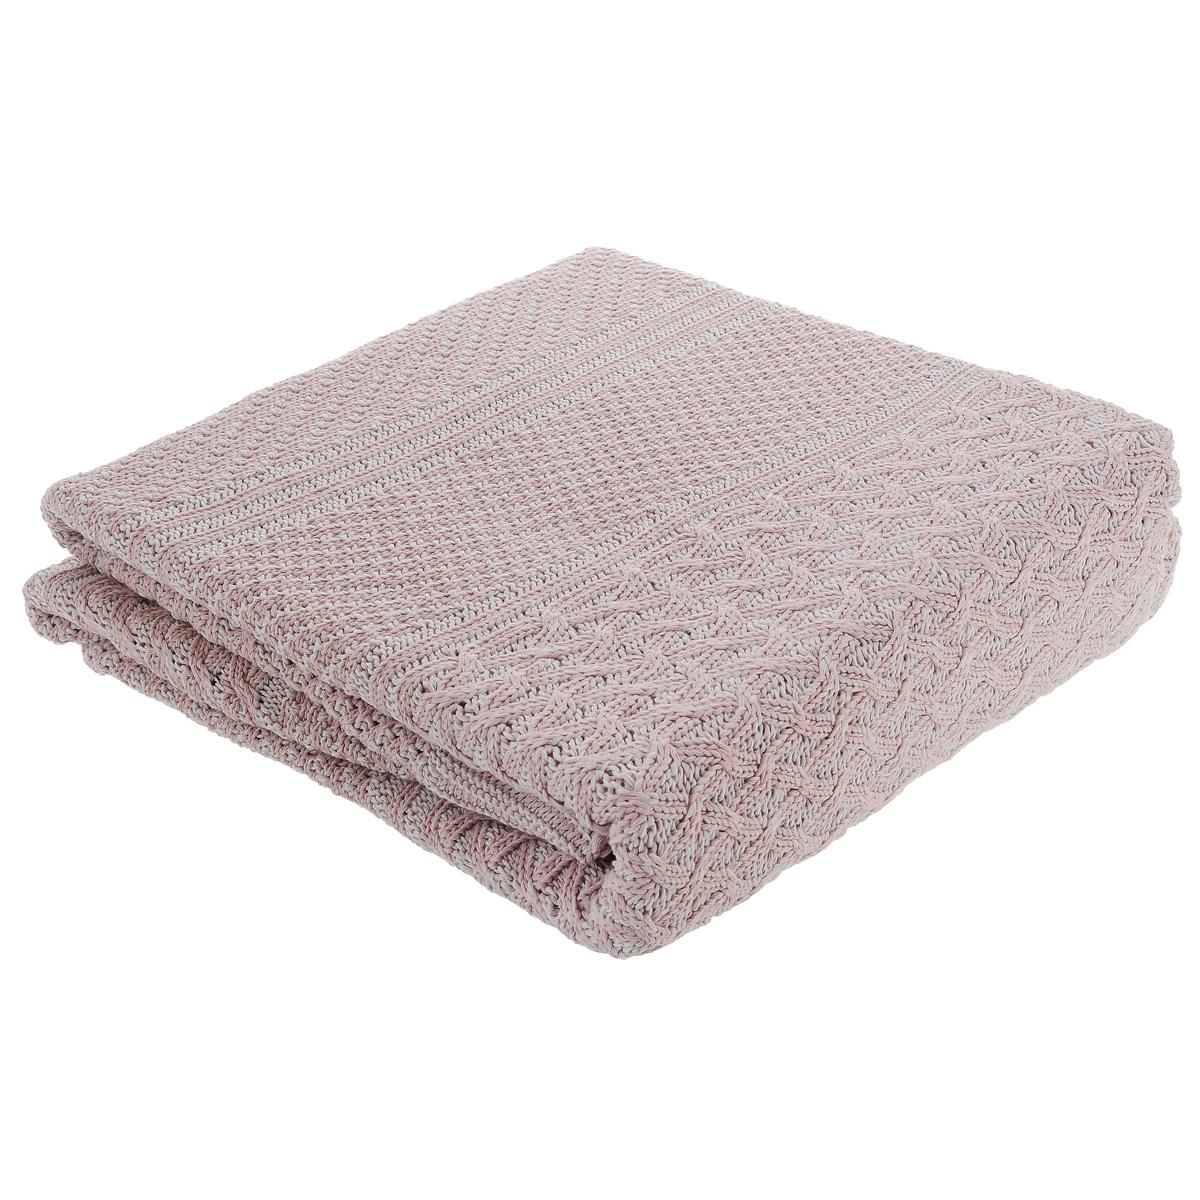 Покрывало вязанное Леди прима Верона, цвет: розовый, 150 х 200 смWUB 5647 weisВязаное покрывало Леди прима Верона - это элегантное сочетание мягкости, тепла, красоты и комфорта. Покрывало выполнено на 80% из хлопка и на 20% из полиэстера. Изделие имеет красивый вязаный узор. Таким покрывалом можно не только украсить постель, но и использовать их в качестве пледа. Элегантный дизайн и приятная фактура покрывала, создаст по-настоящему уютный интерьер, пребывание в котором не надоест долгие годы. Покрывало особенно понравятся людям, ценящим изысканность и качество. Изделие упаковано в подарочную коровку.